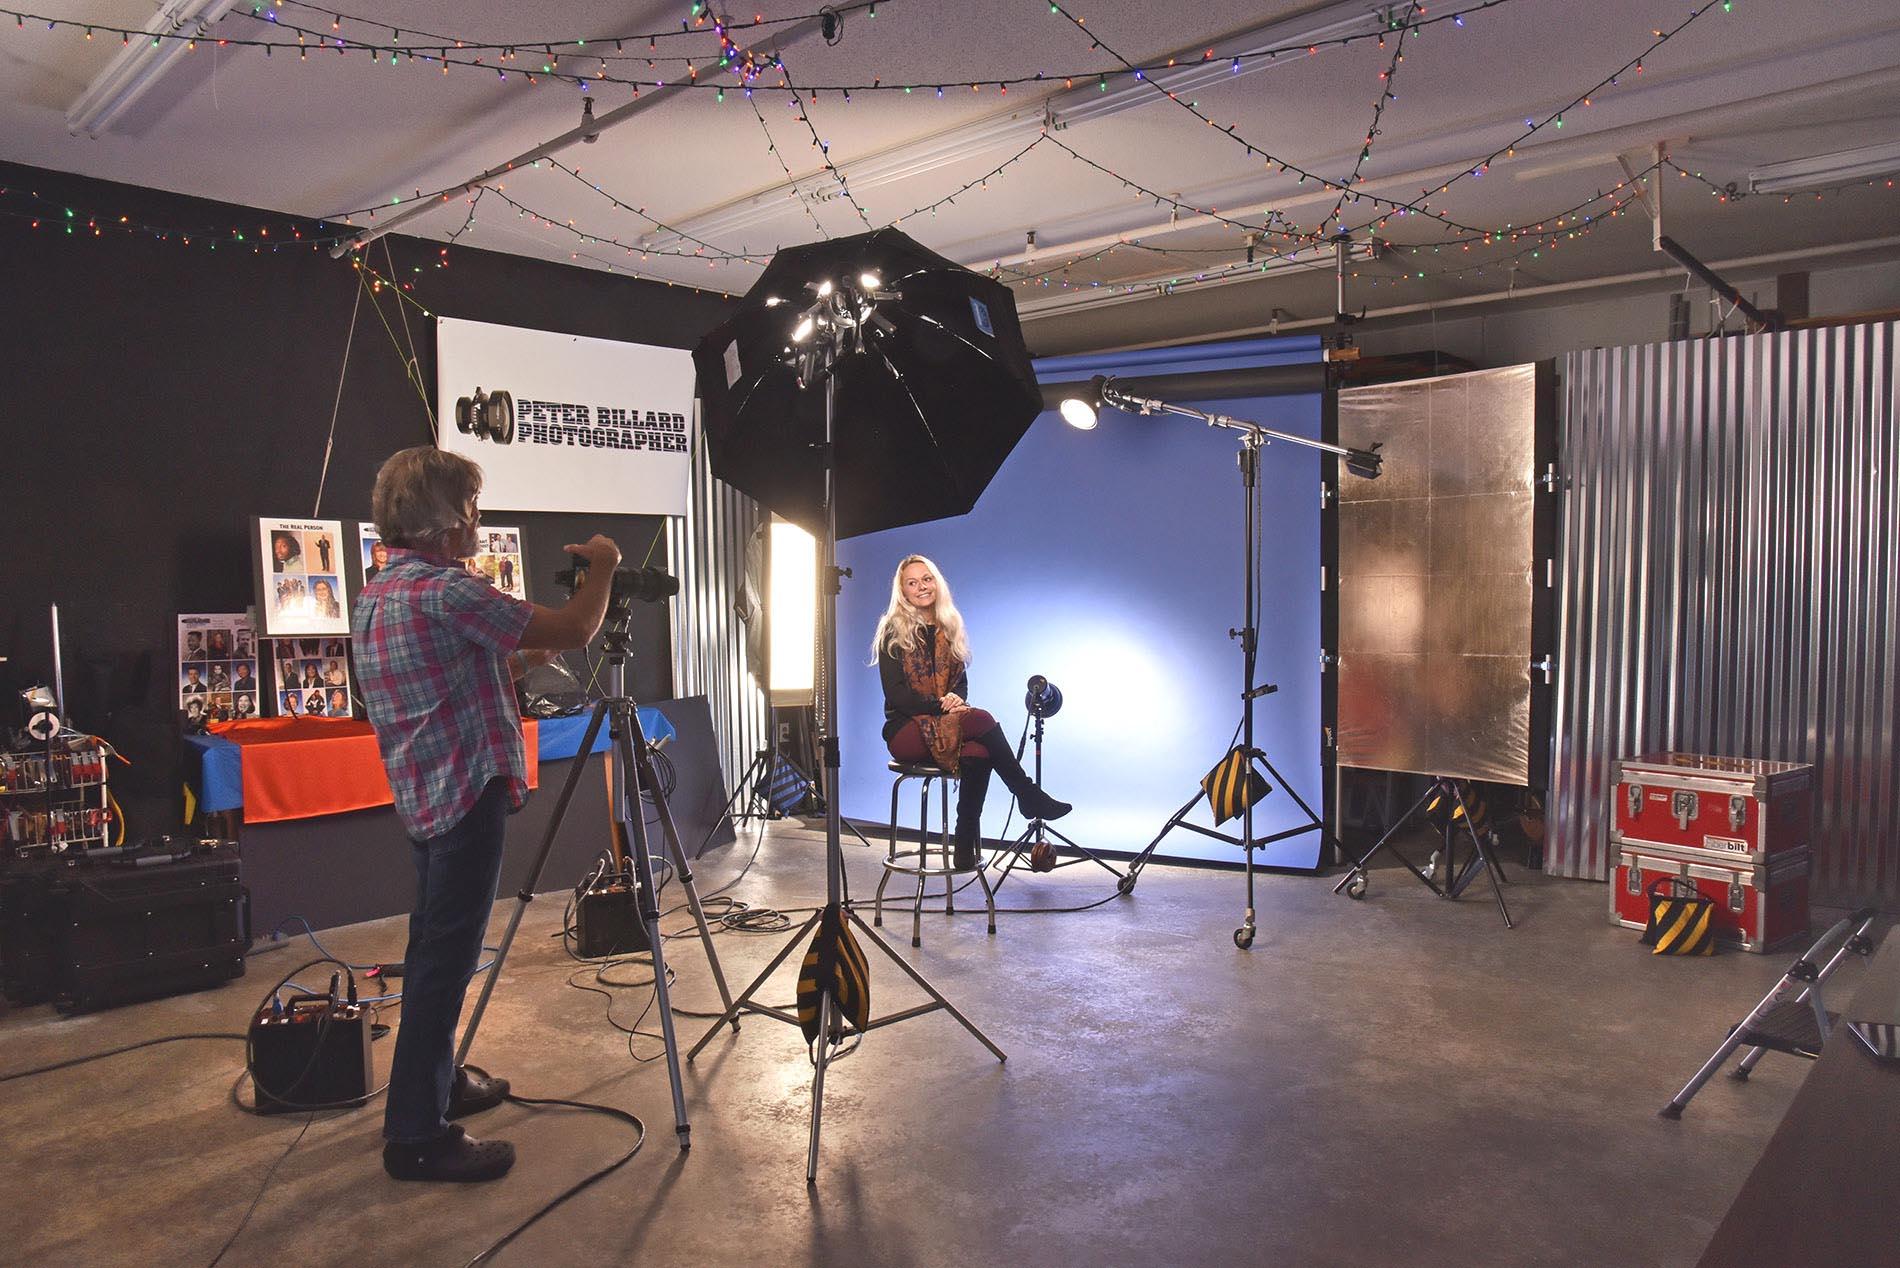 BTS studio portrait session with Meghan